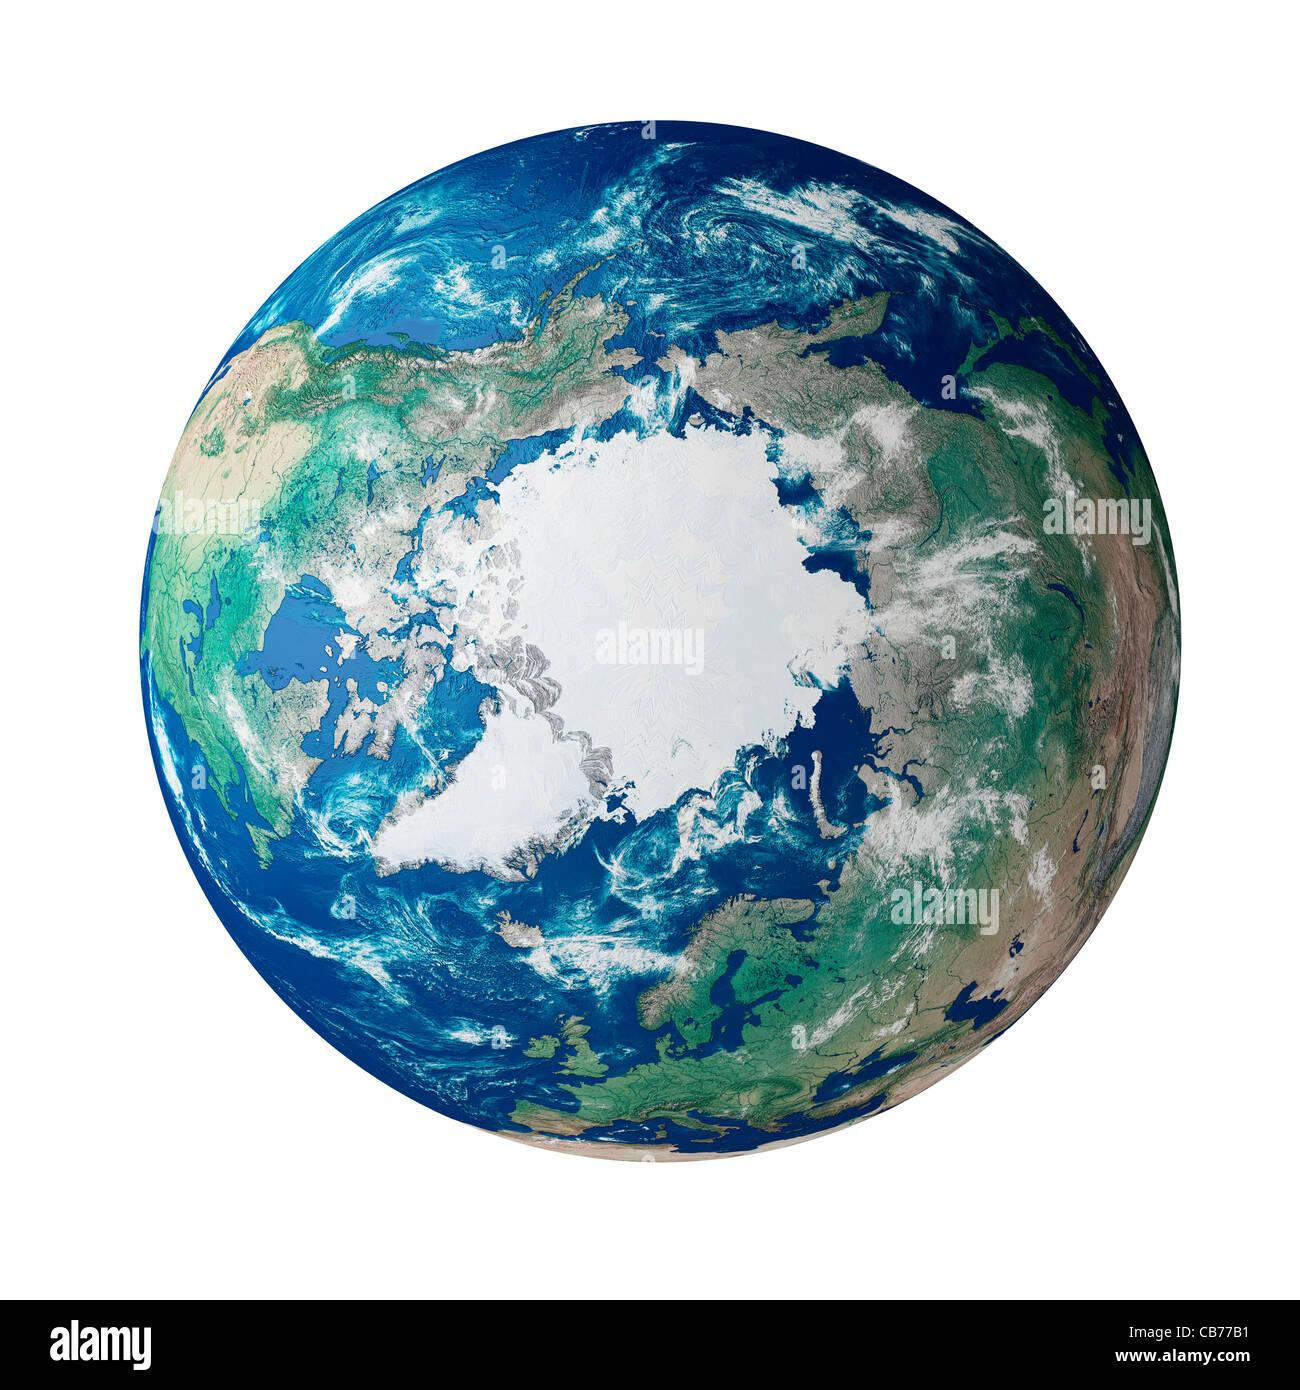 Globe montrant la région arctique sur la planète terre Photo Stock